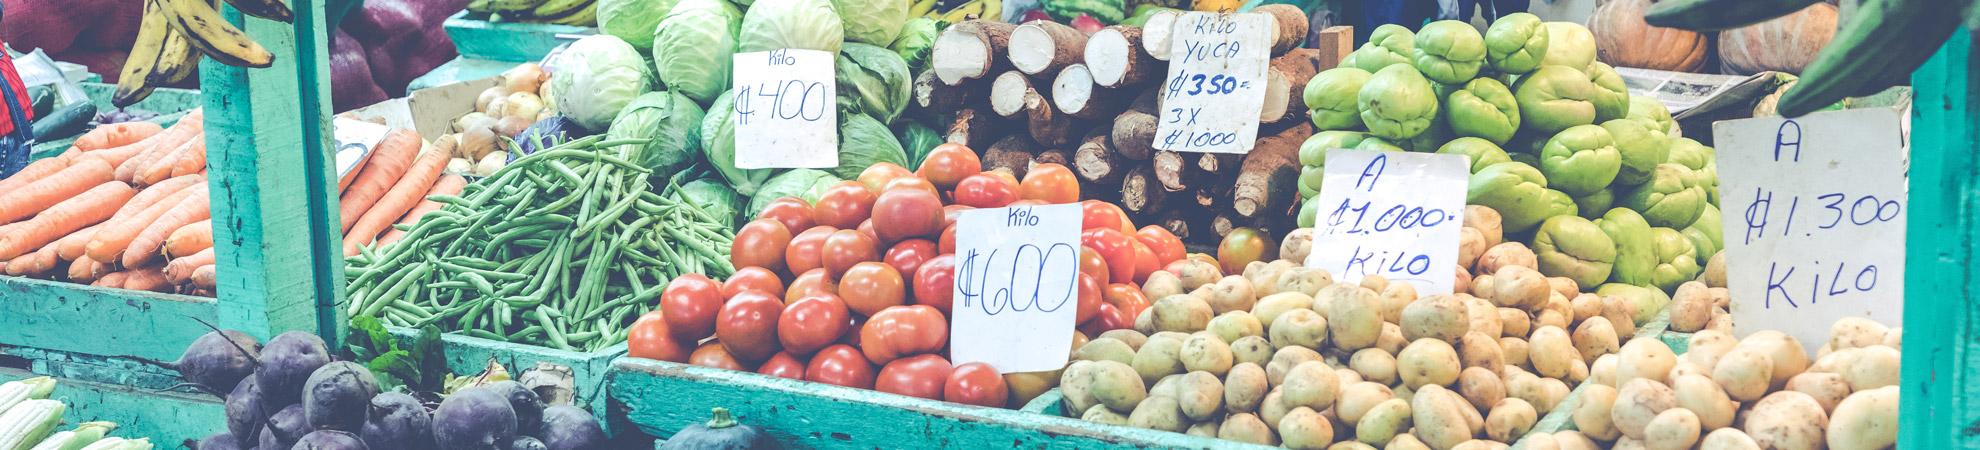 Fruits et légumes - marché de San Jose au Costa Rica